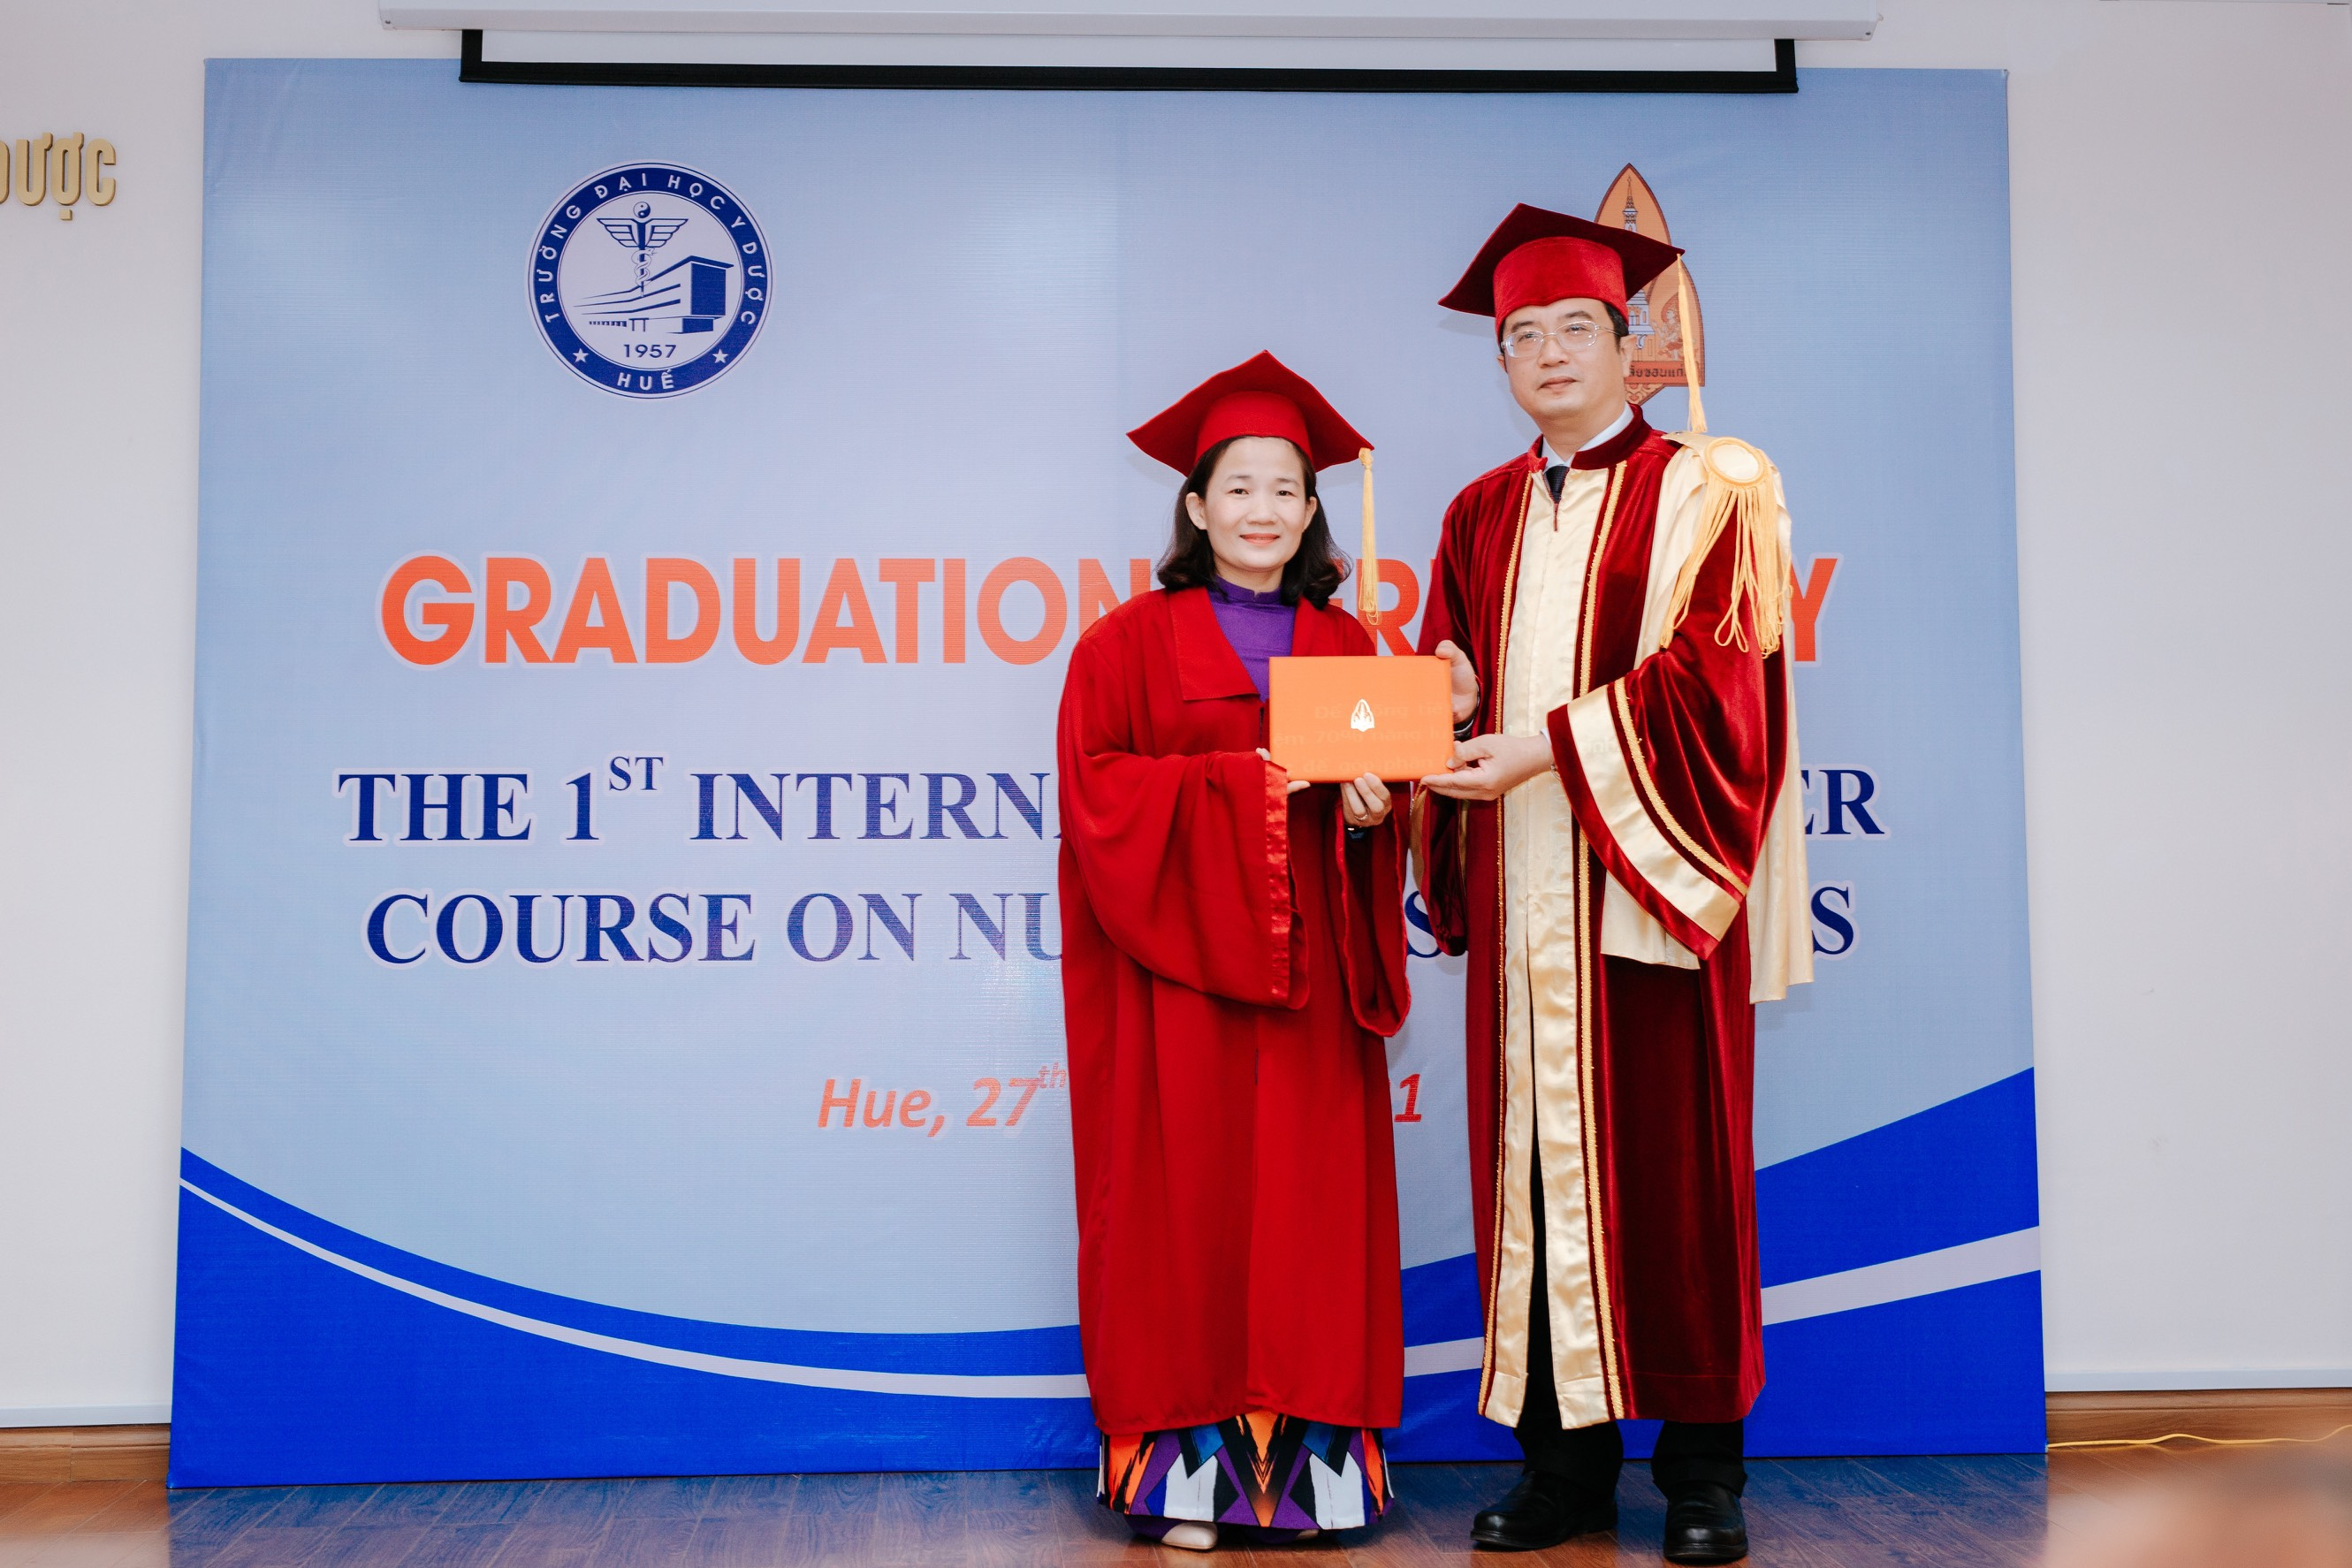 Trao bằng tốt nghiệp cho 10 học viên Thạc sĩ Điều dưỡng liên kết với Đại học Khon Kaen, Thái Lan